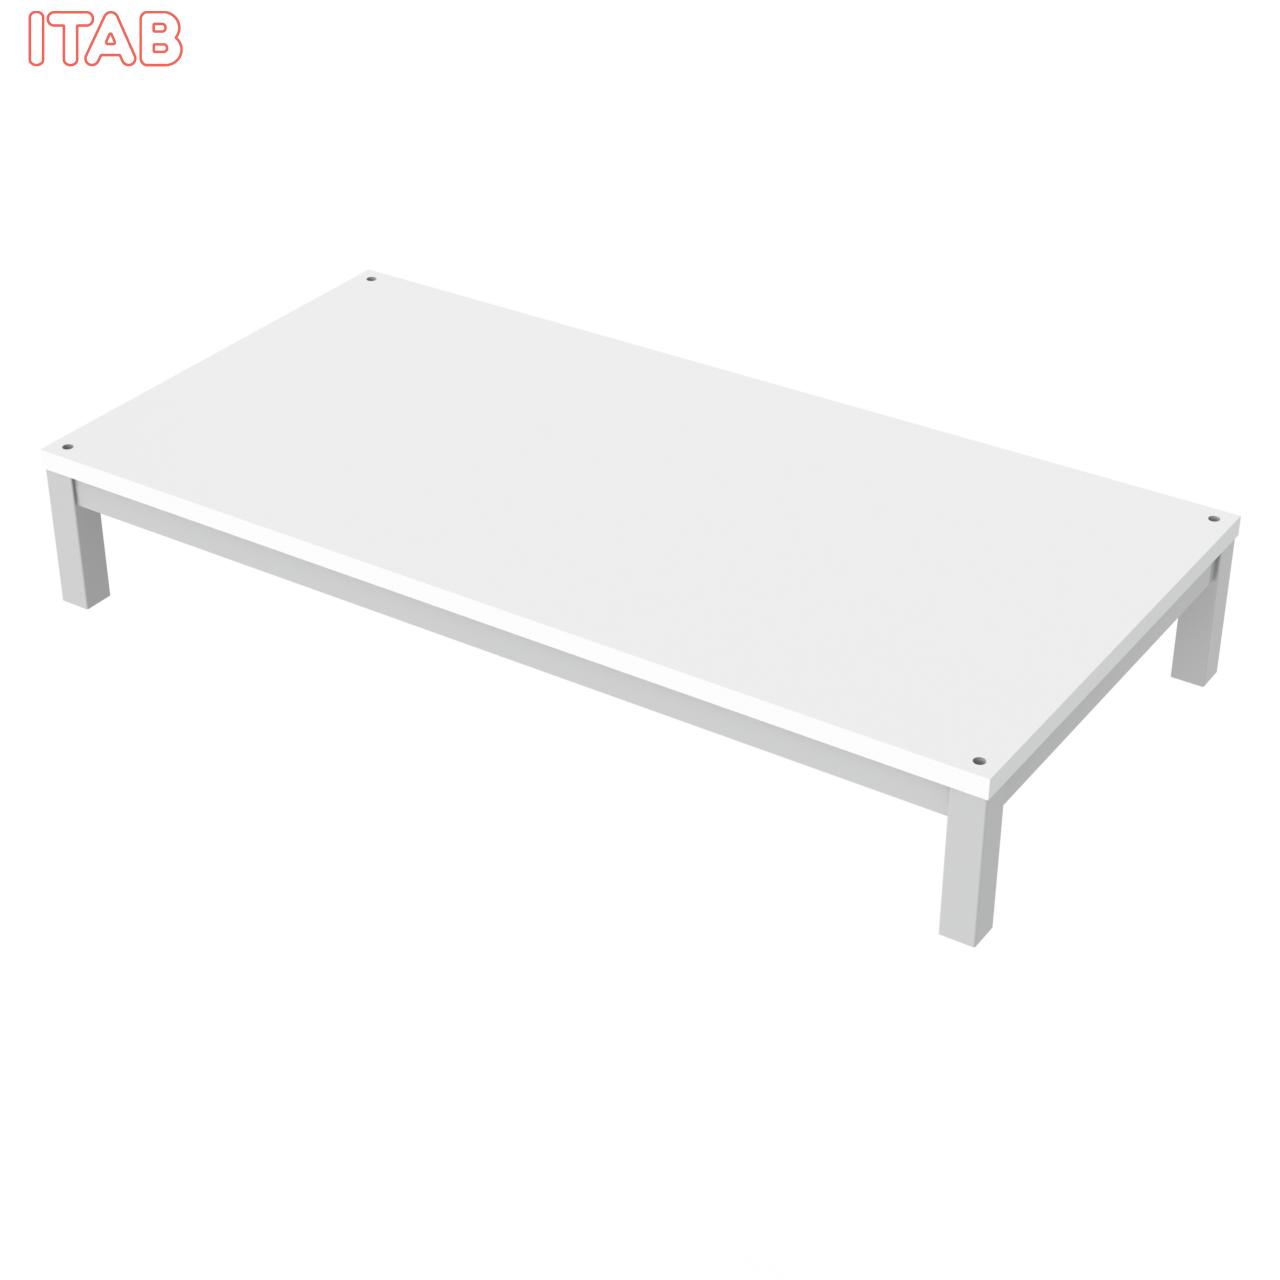 Modulipöytä 120x60x20